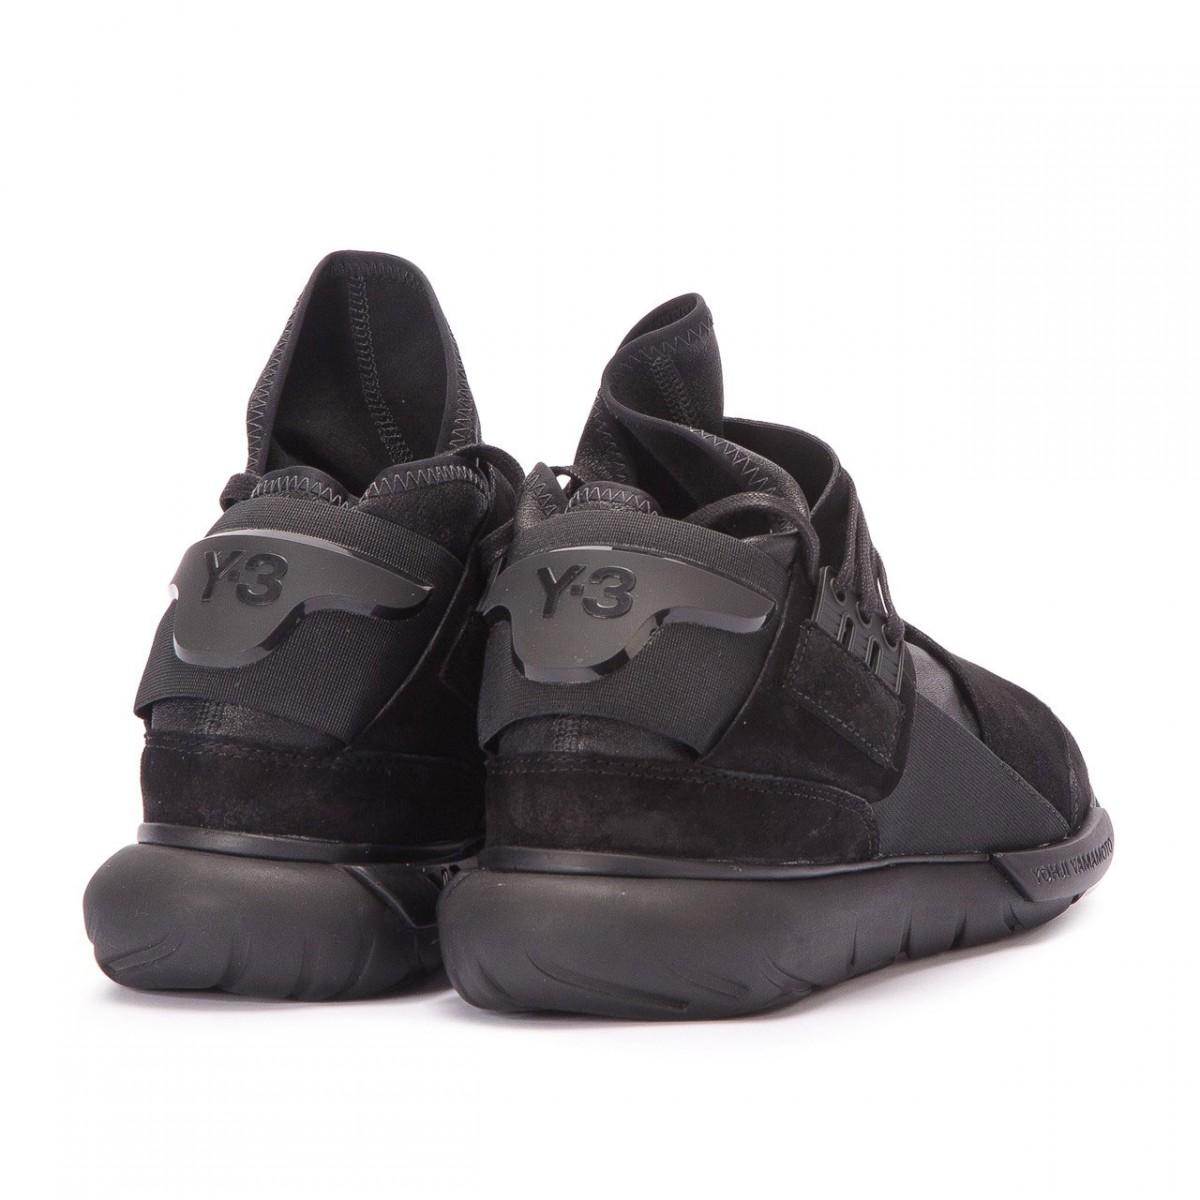 y-3-qasa-high-leather-3-1200x1200